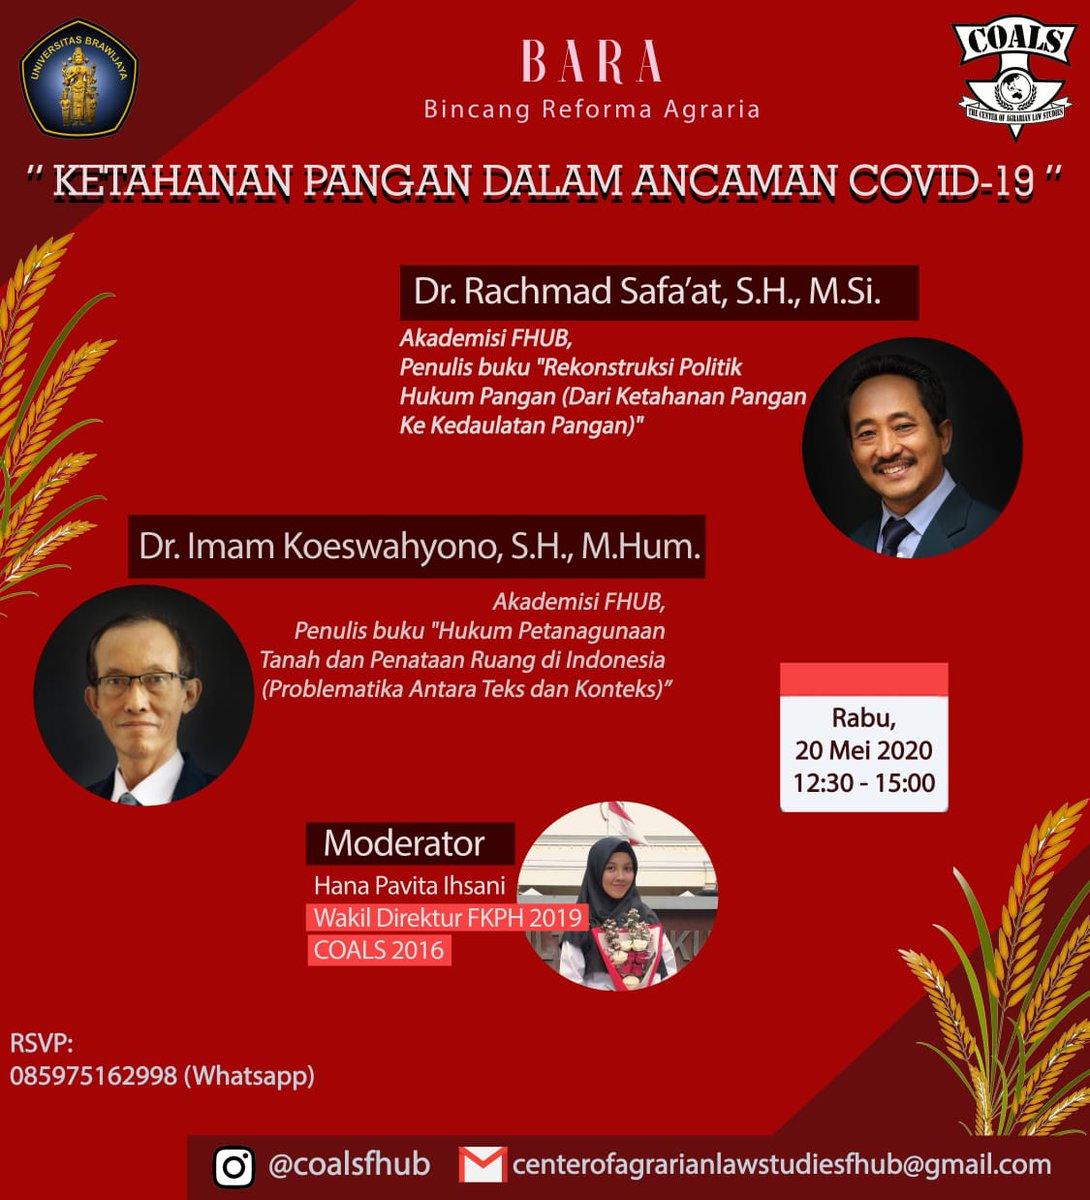 @berlianidris FH @UB_Official jg tdk kalah kita bahas Ketahanan Pangan Indonesia Dalam Ancaman Covid-19.